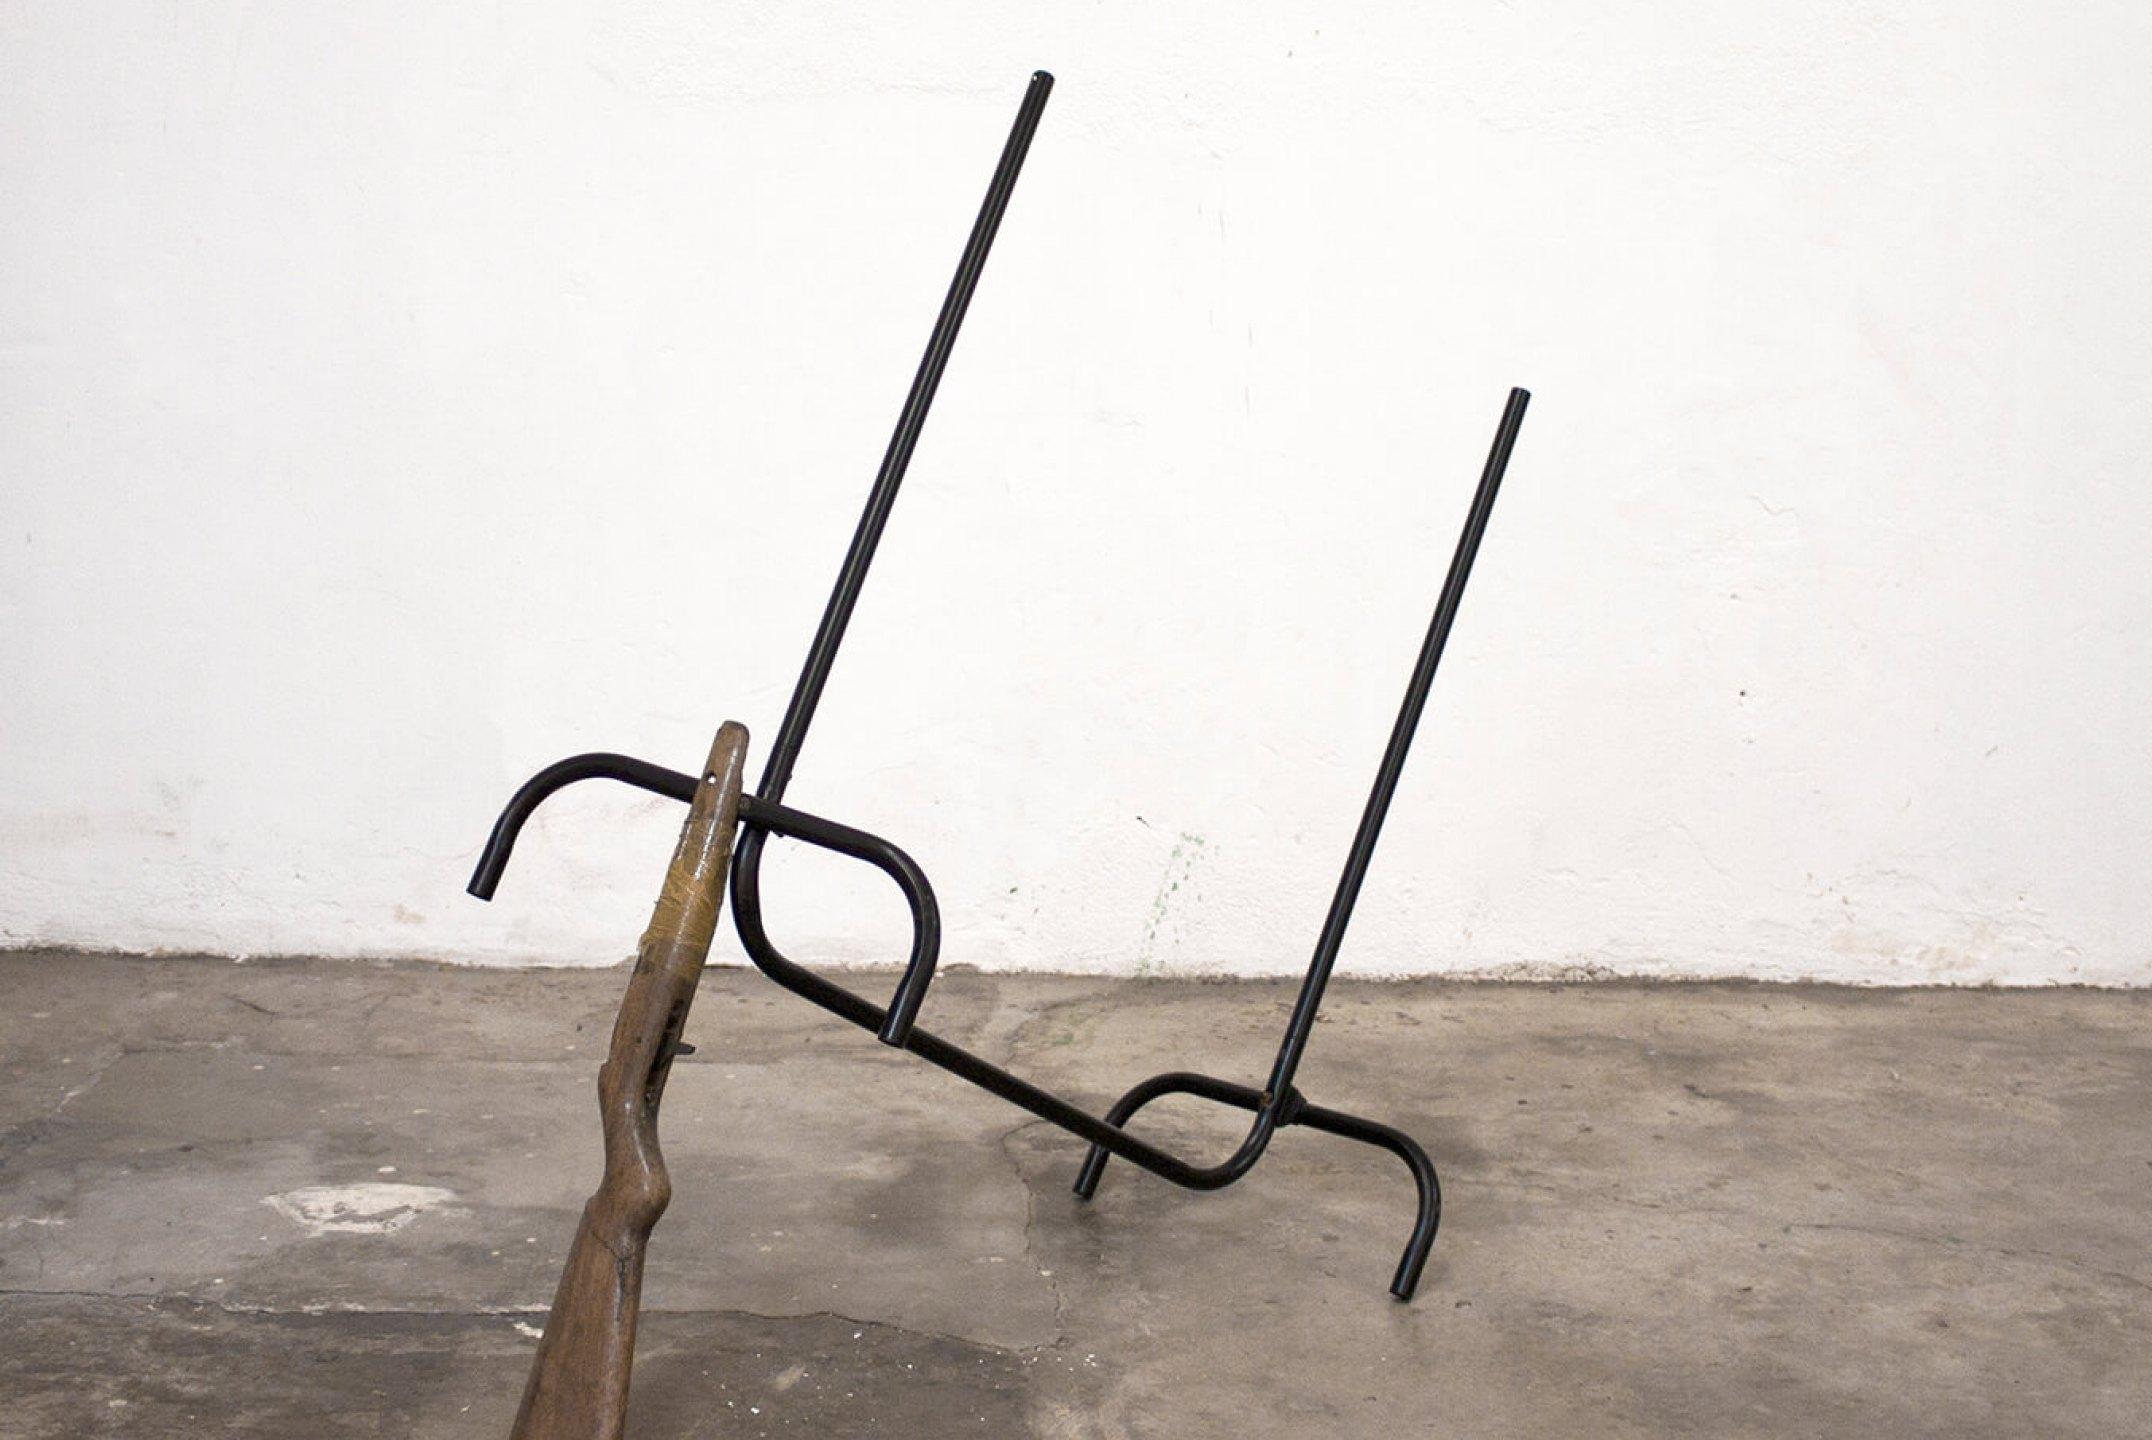 Deyson Gilbert, <em>1.1.2.2.3.3.4.4.5.5.6.6.7.7. (o eco de Samiel)</em>,2011,steel frame and wooden shotgun handle,95 × 120 cm - Mendes Wood DM